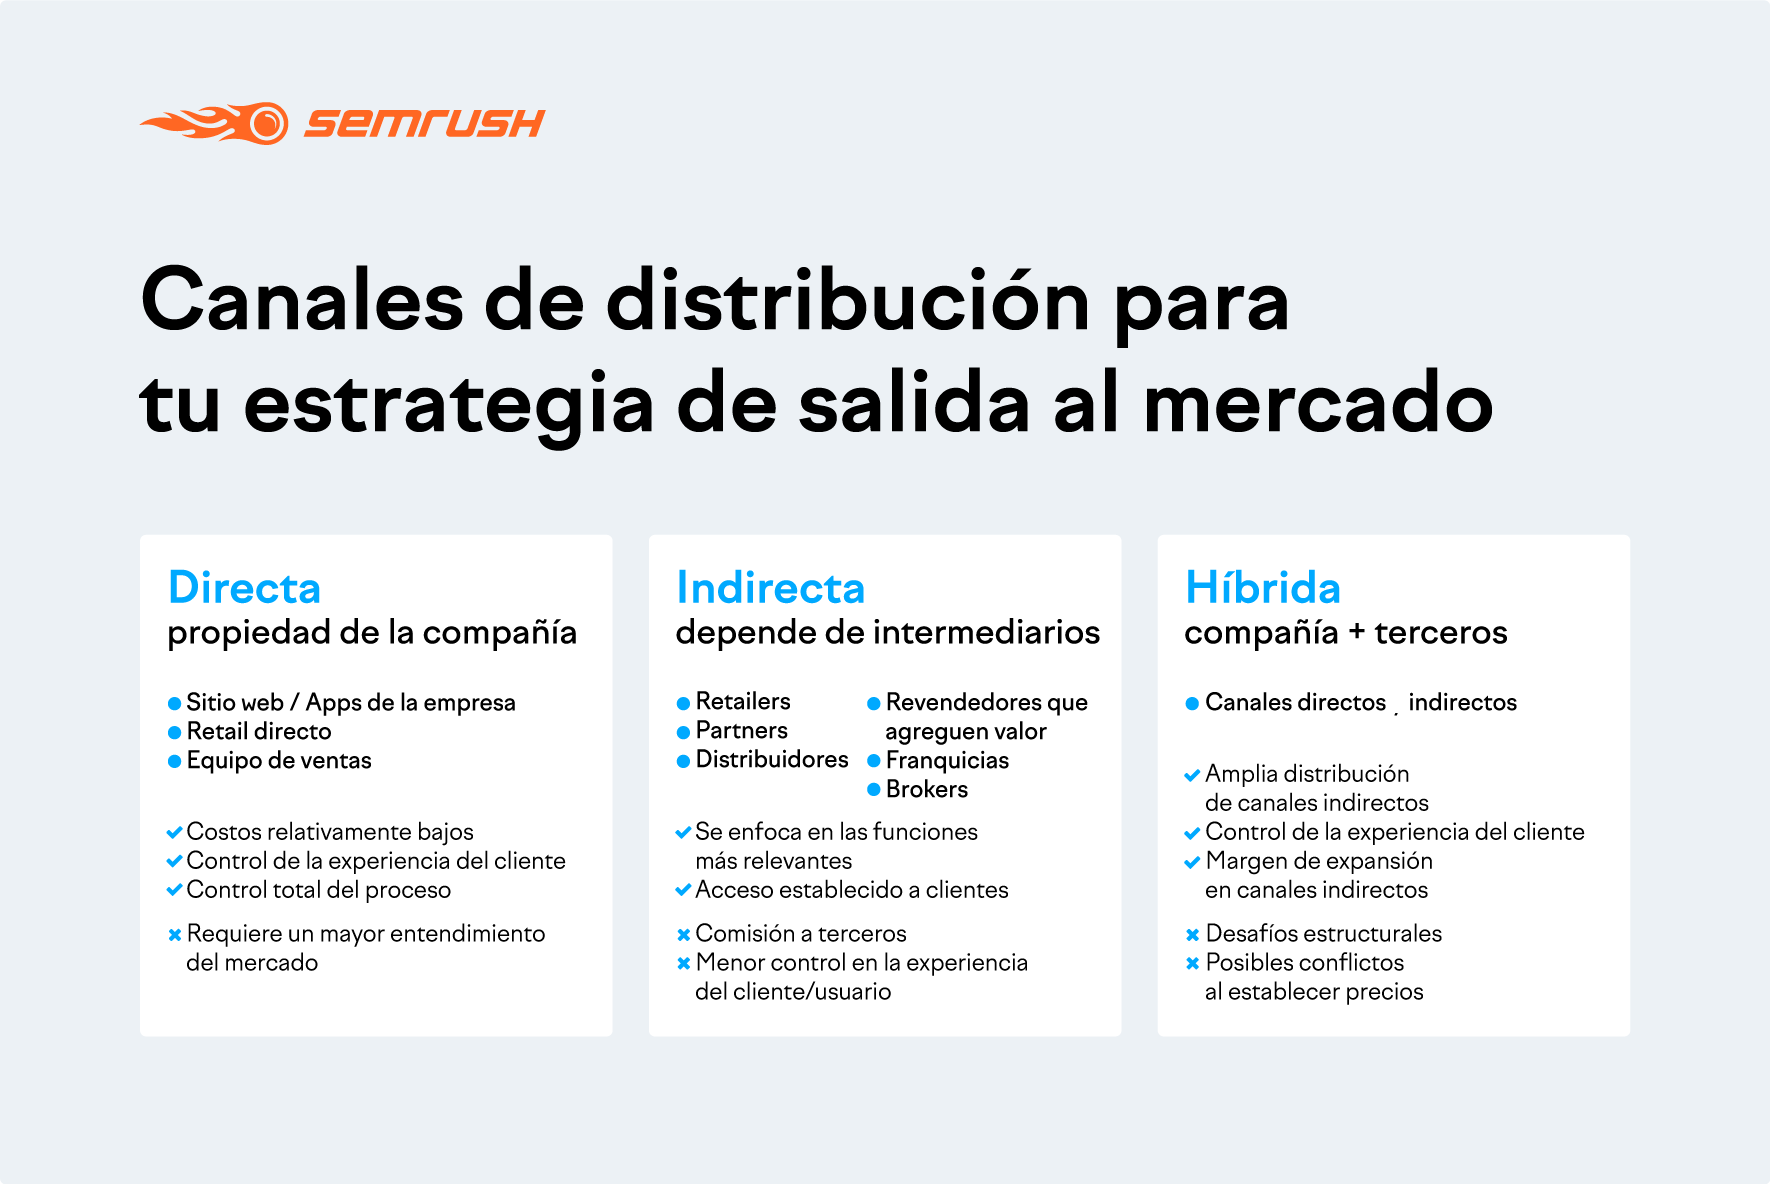 Canales de distribución en un nuevo mercado